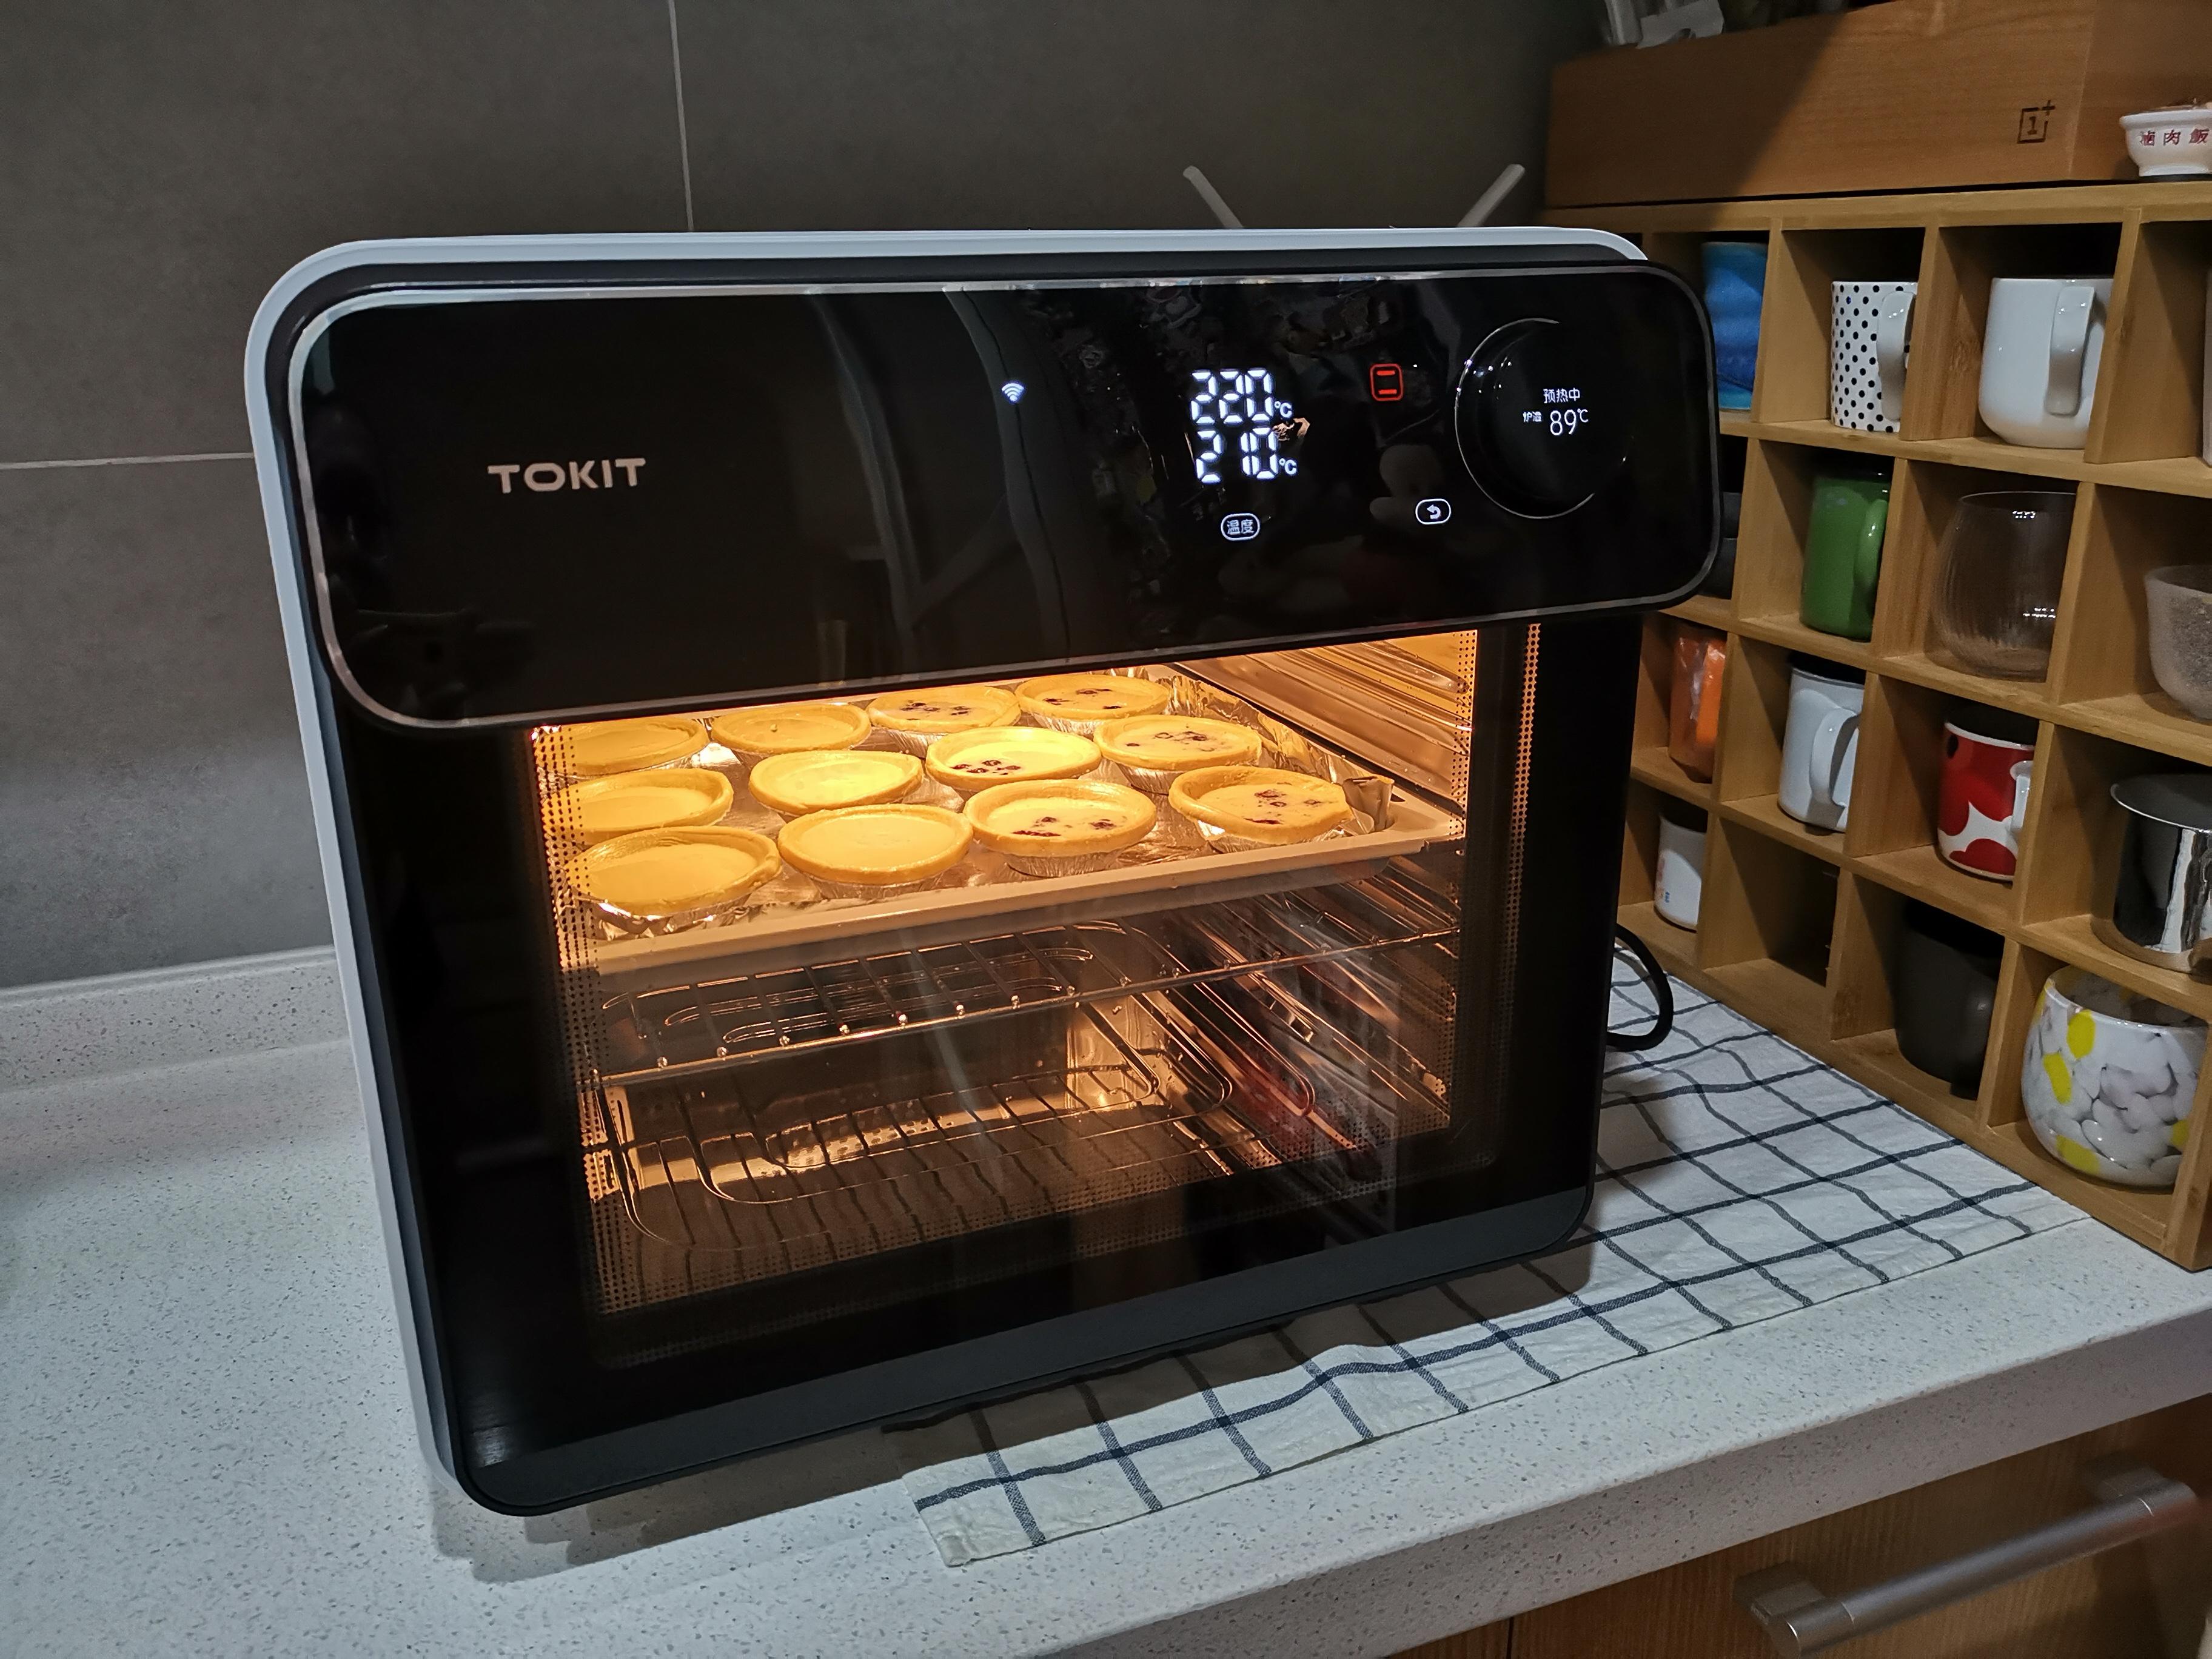 有一台会自拍的TOKIT智能电烤箱都能做什么?| 钛度实验室